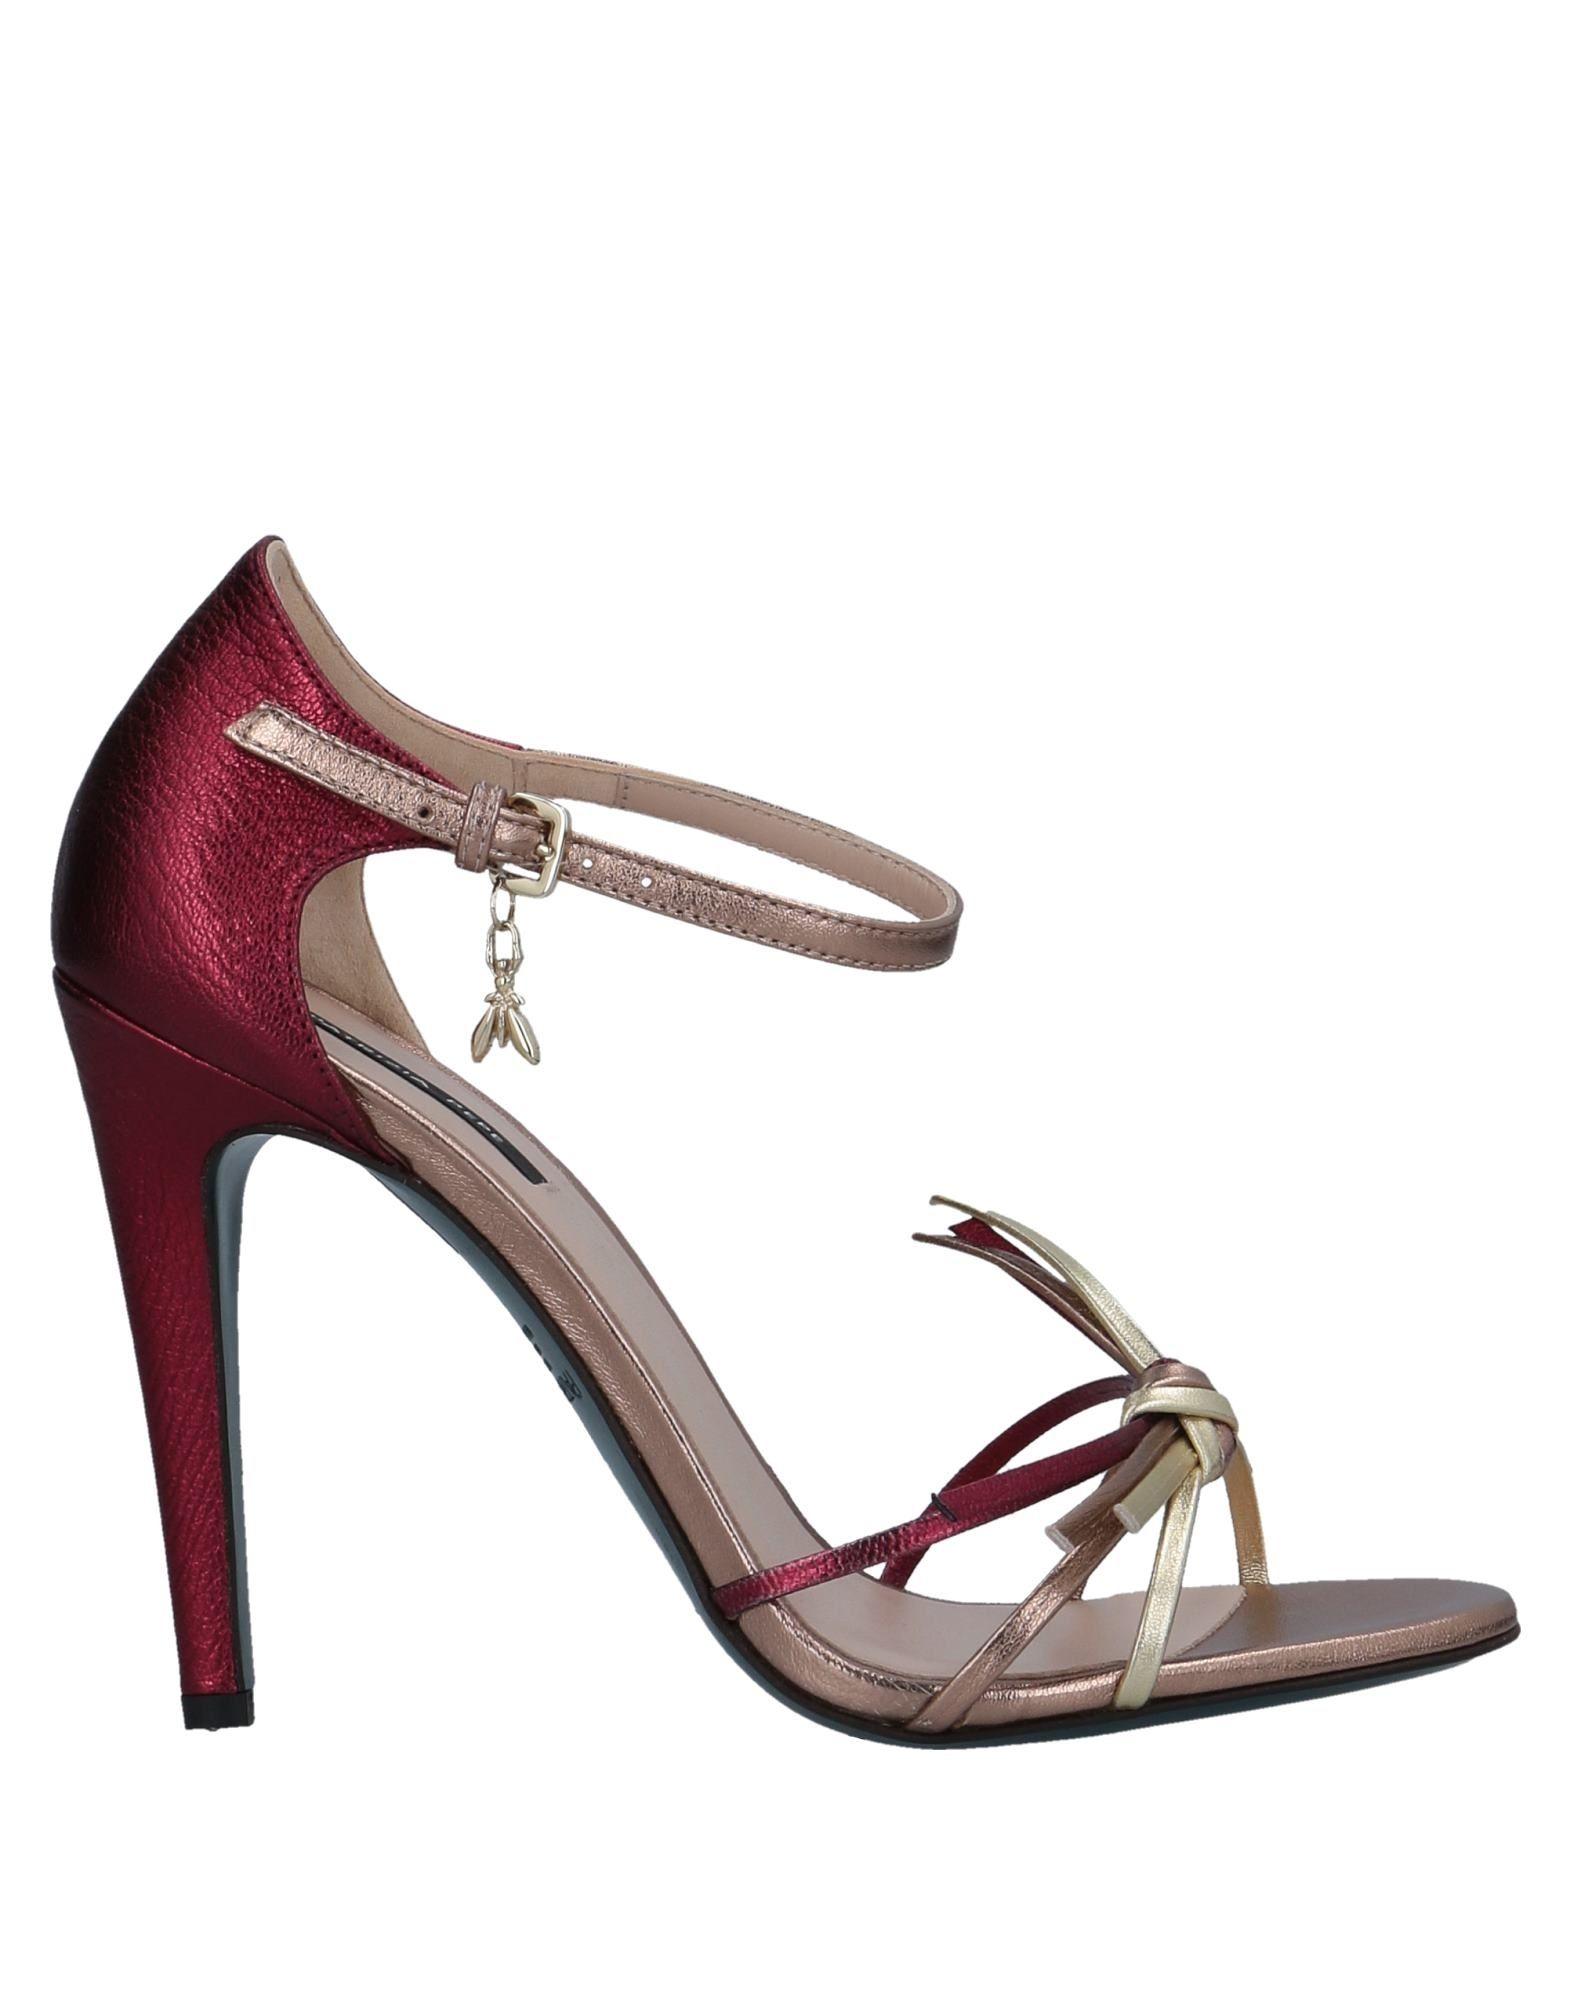 71459a0534e Patrizia Pepe Sandals - - - Women Patrizia Pepe Sandals online on Canada -  11522923QV e94589